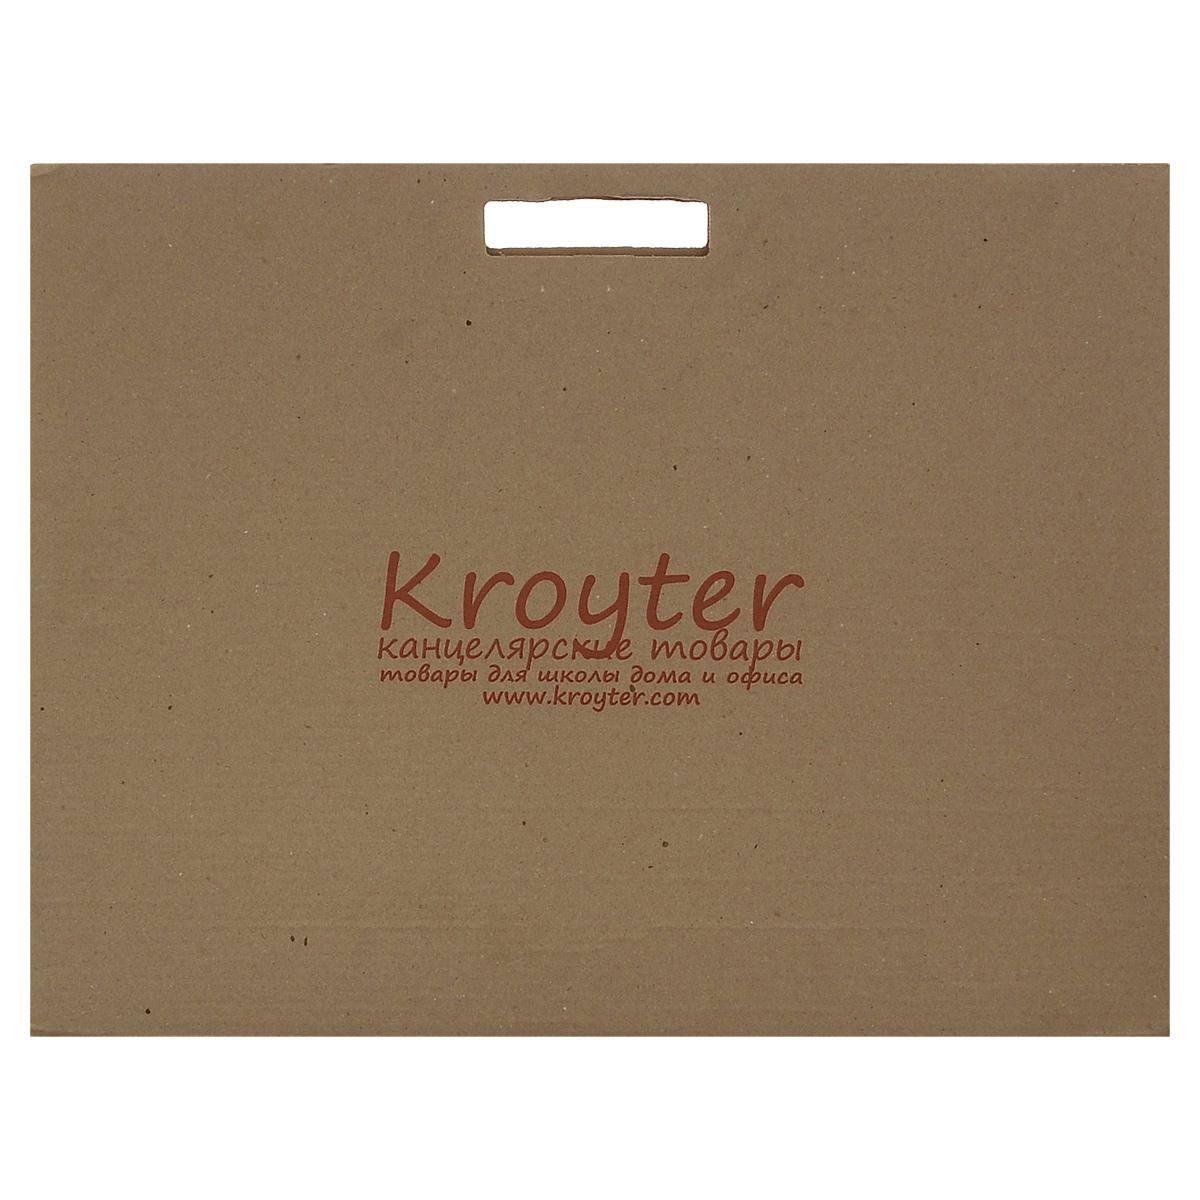 Папка для акварели Kroyter, 10 листов, формат А272523WDПапка для акварели Kroyter поможет овладеть этой техникой живописи. Бумага предназначена для рисования всеми видами водорастворимых красок, а также подойдет для рисования и художественно-графических работ карандашами, ручками и мелками. Не рекомендуется для масляных красок. Листы рекомендованы для массового использования, так как не предъявляет специальных знаний при ее использовании.Обложка выполнена из гофрированного картона в виде папки переноски с ручками. Такой вариант позволяет переносить бумагу без повреждений.Плотность: 180 г/м2.